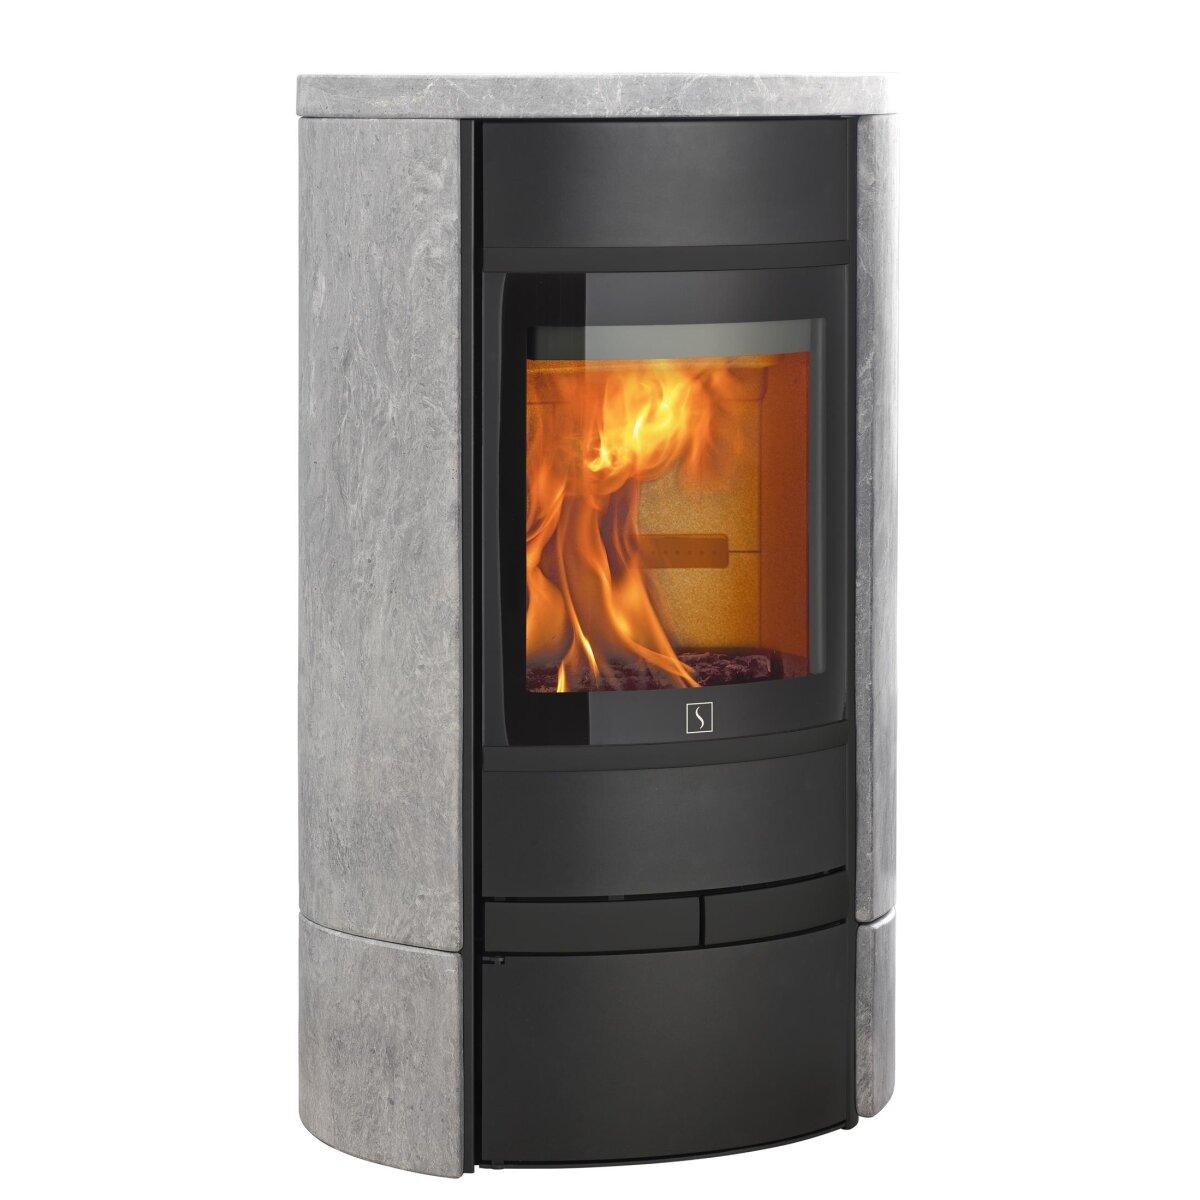 kaminofen scan 68 15 low base online kaufen feuer fuchs von scan a s mit beratung. Black Bedroom Furniture Sets. Home Design Ideas